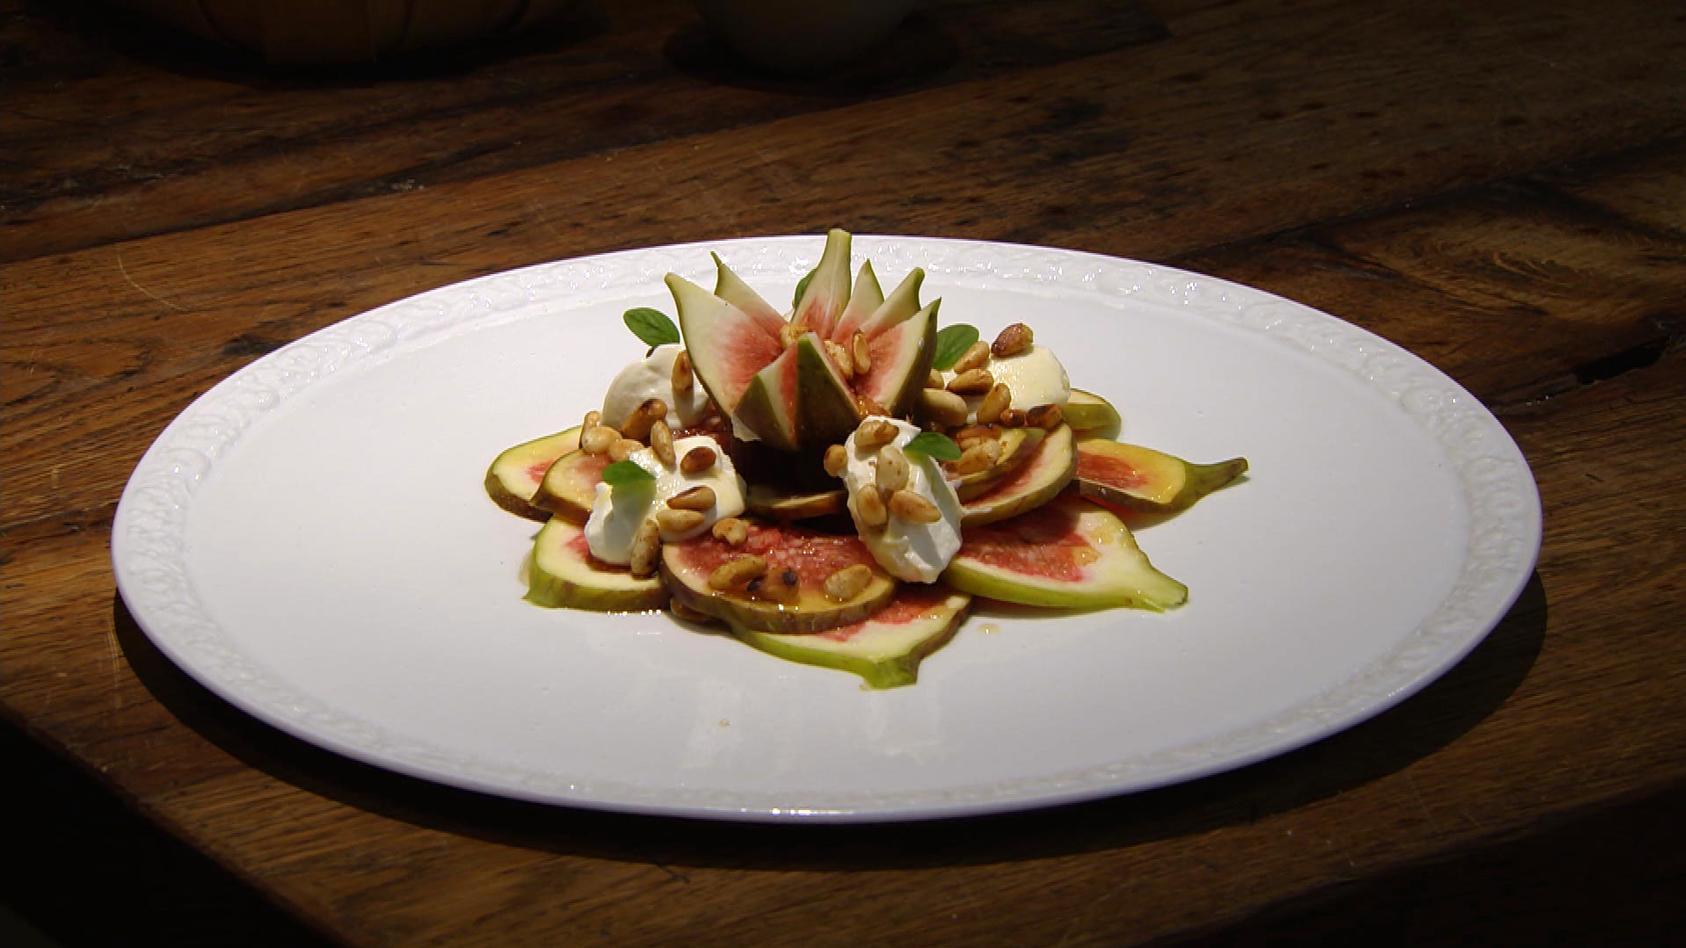 Romantisches Dinner – Liebe geht durch den Magen: Feigen-Carpaccio mit Ricotta